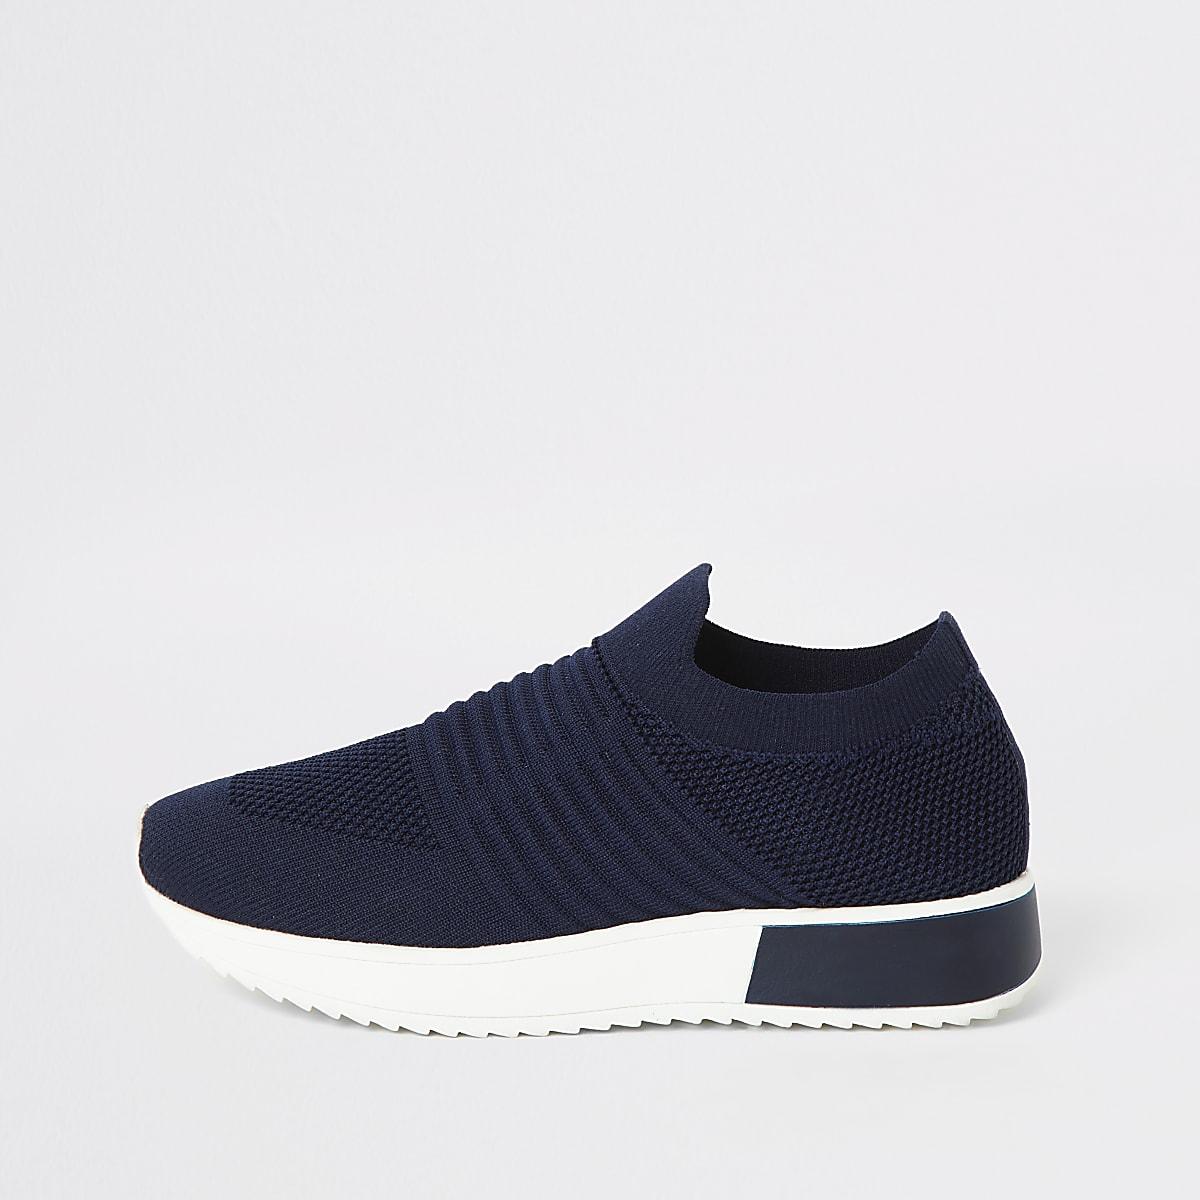 Marineblauwe gebreide sneakers